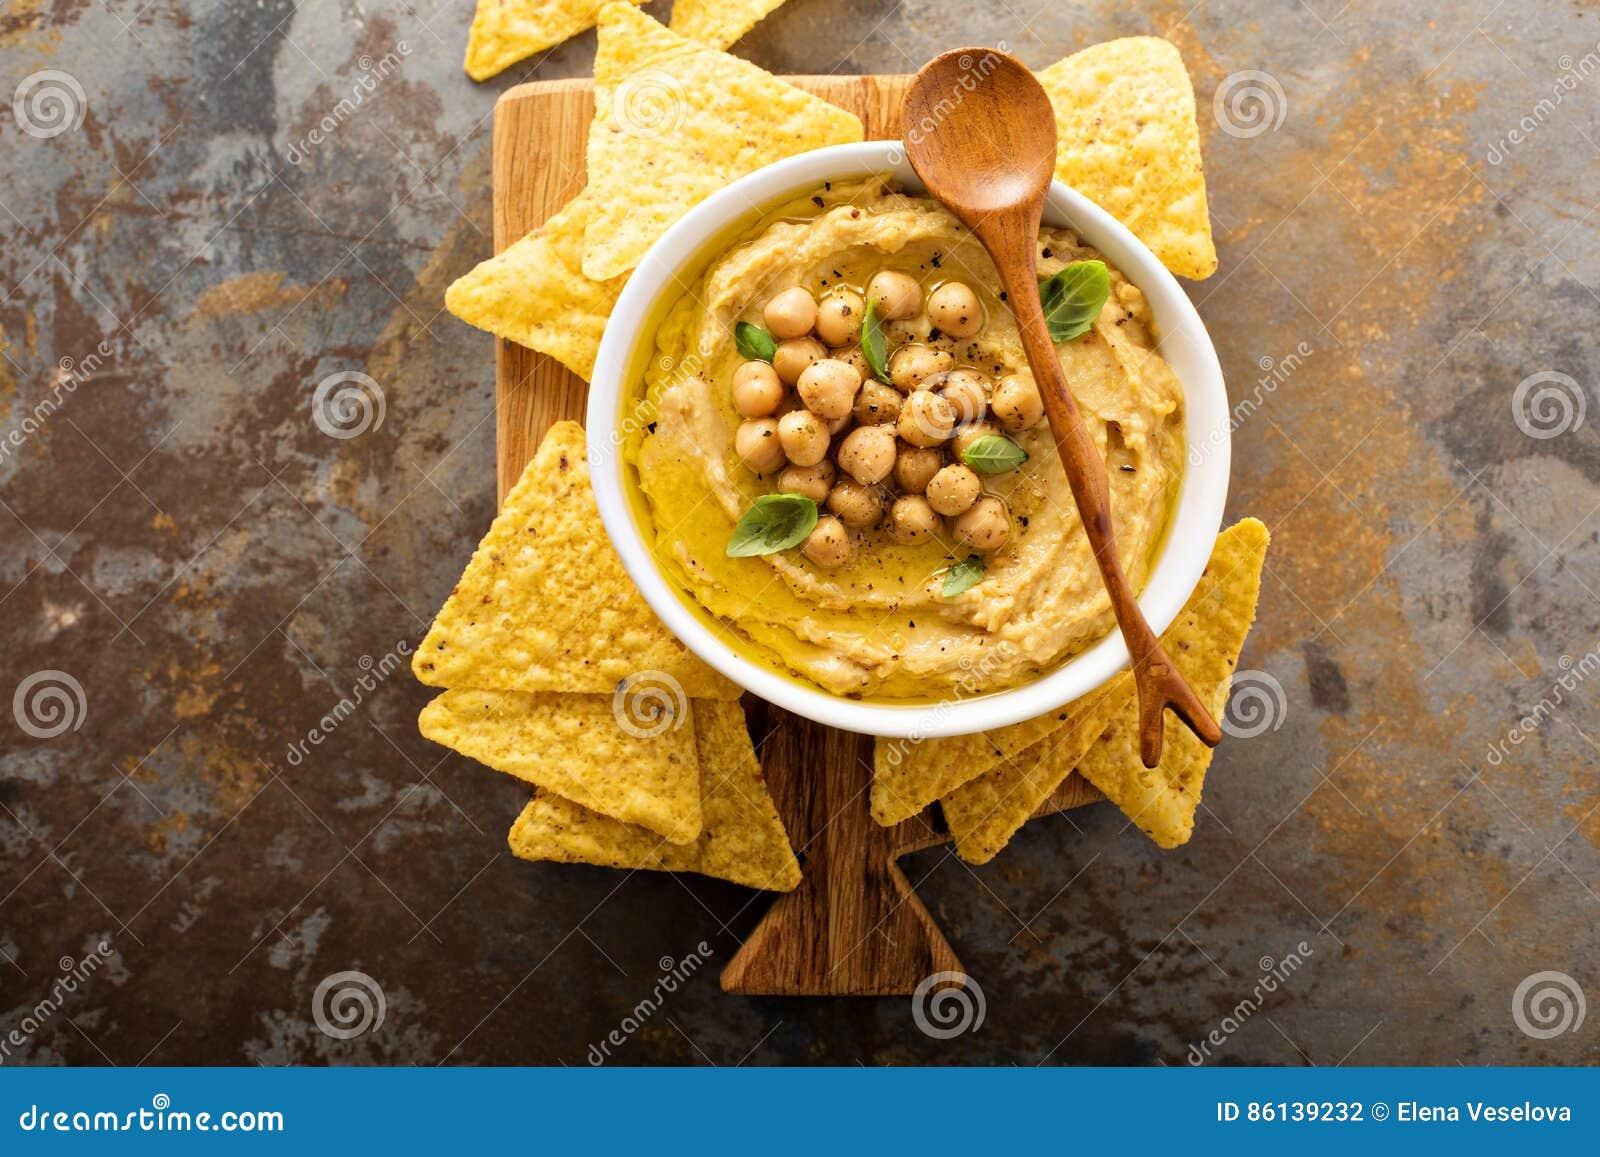 Houmous fait maison avec des puces de tortilla